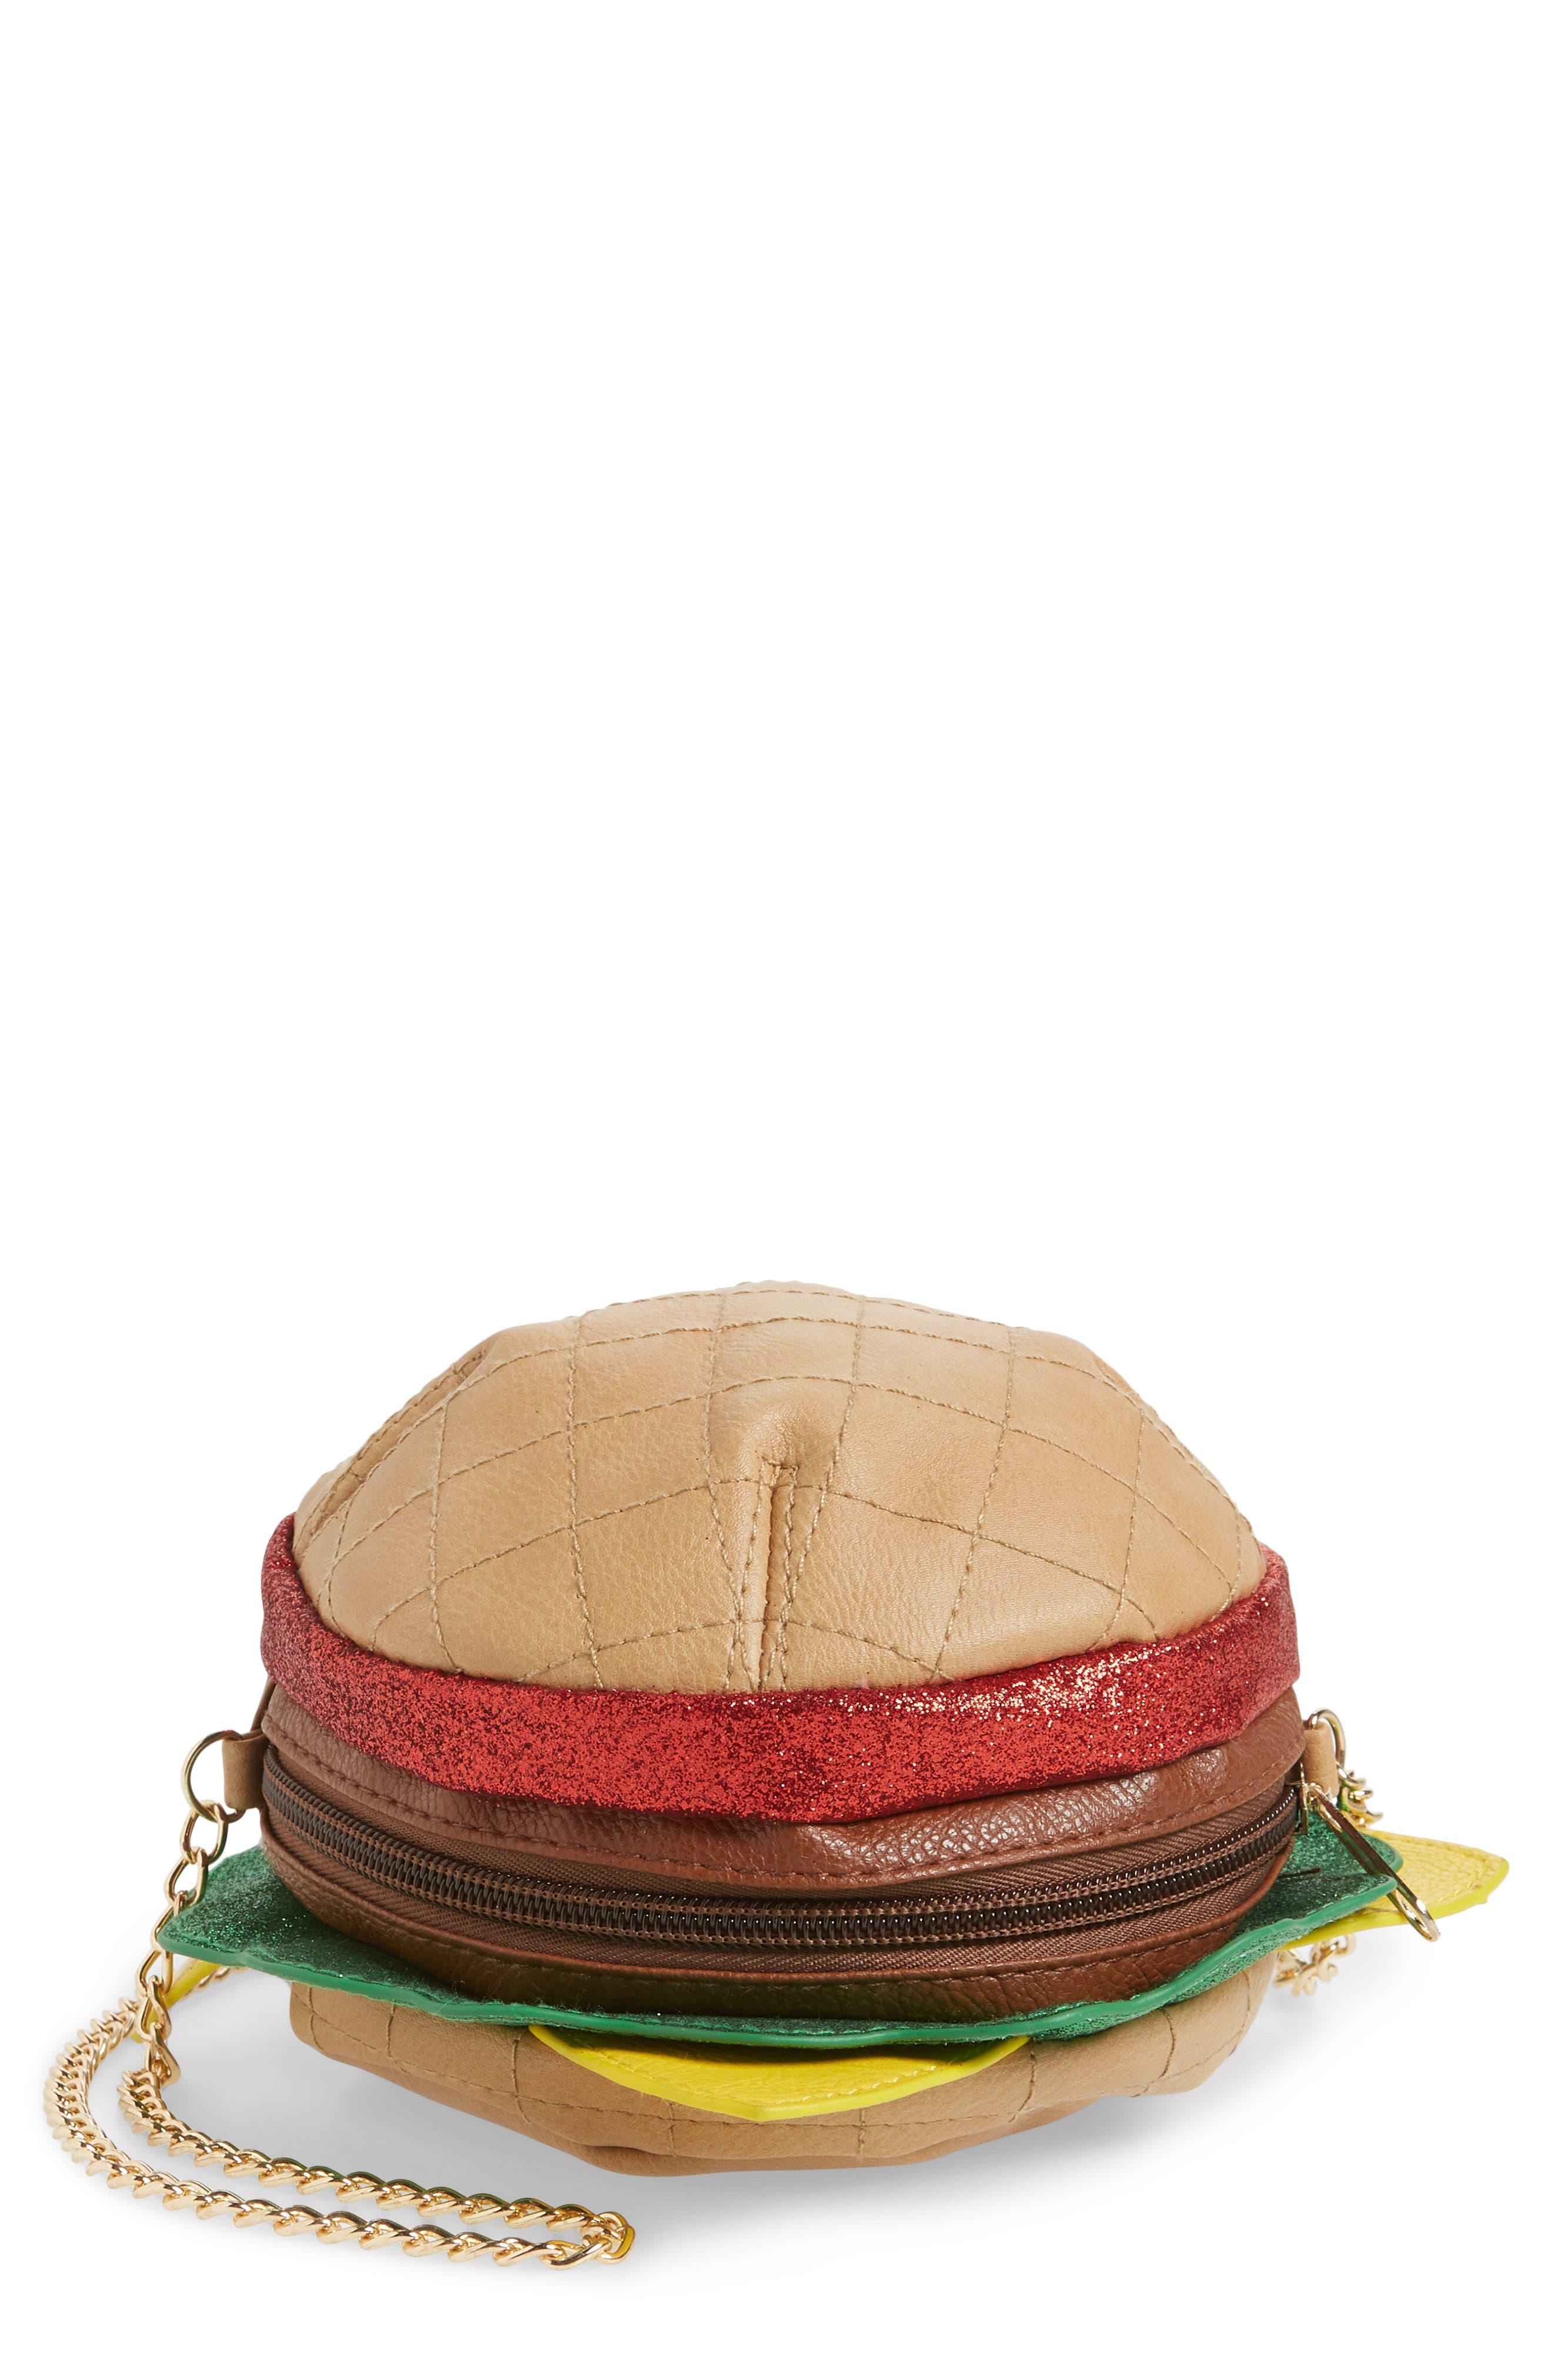 Hamburger Crossbody Bag,                             Main thumbnail 1, color,                             Multi Combo